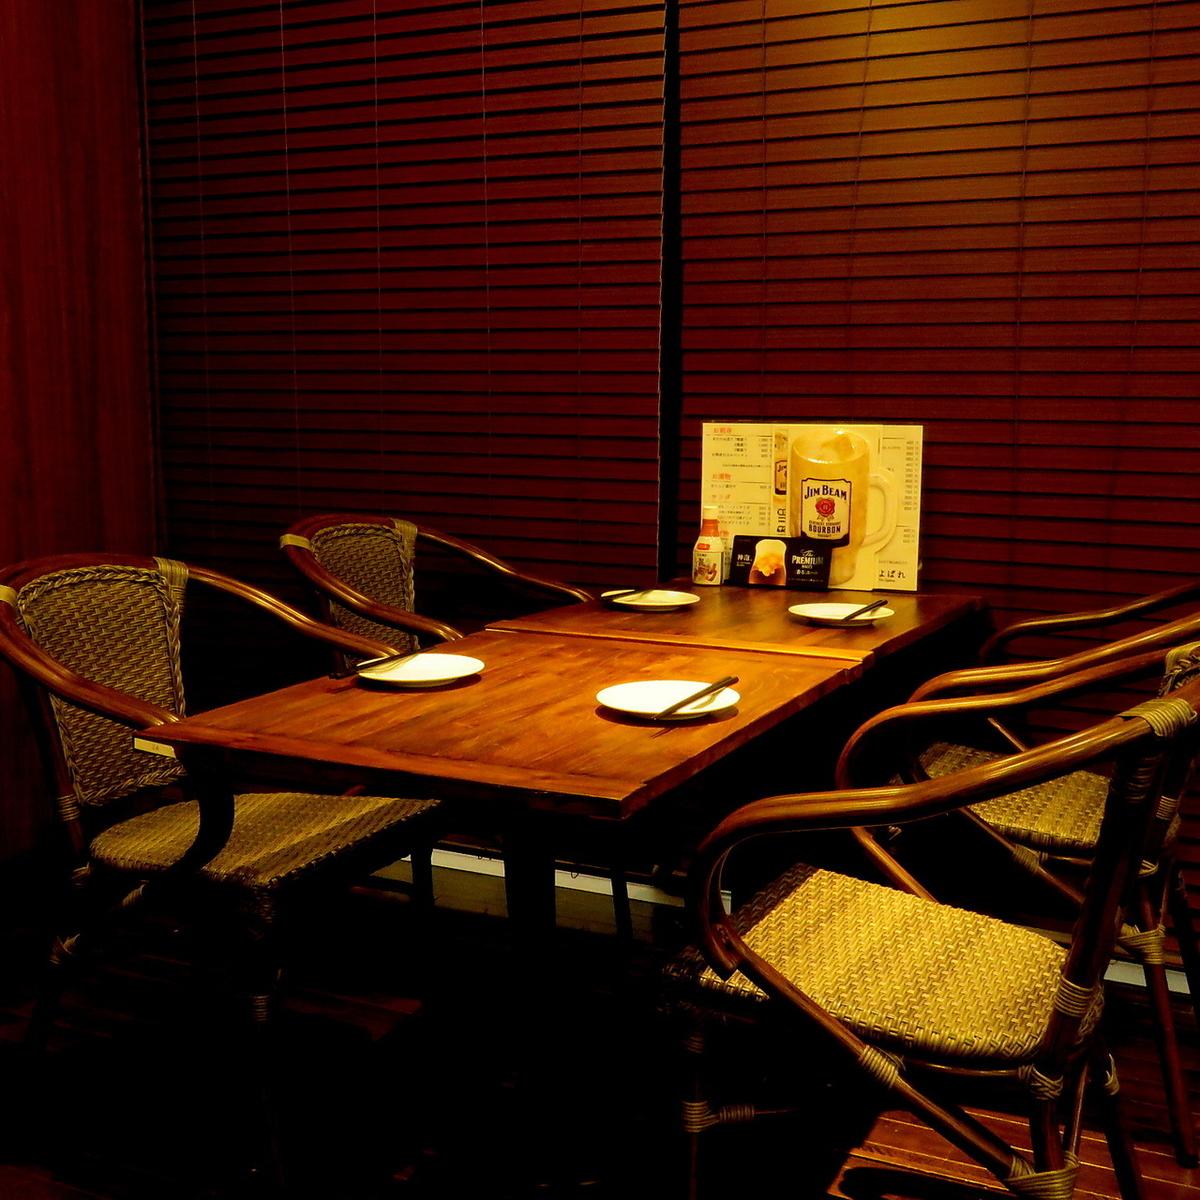 木目調がおしゃれなテーブル席をご用意。デートや、女子会にもご利用下さい。